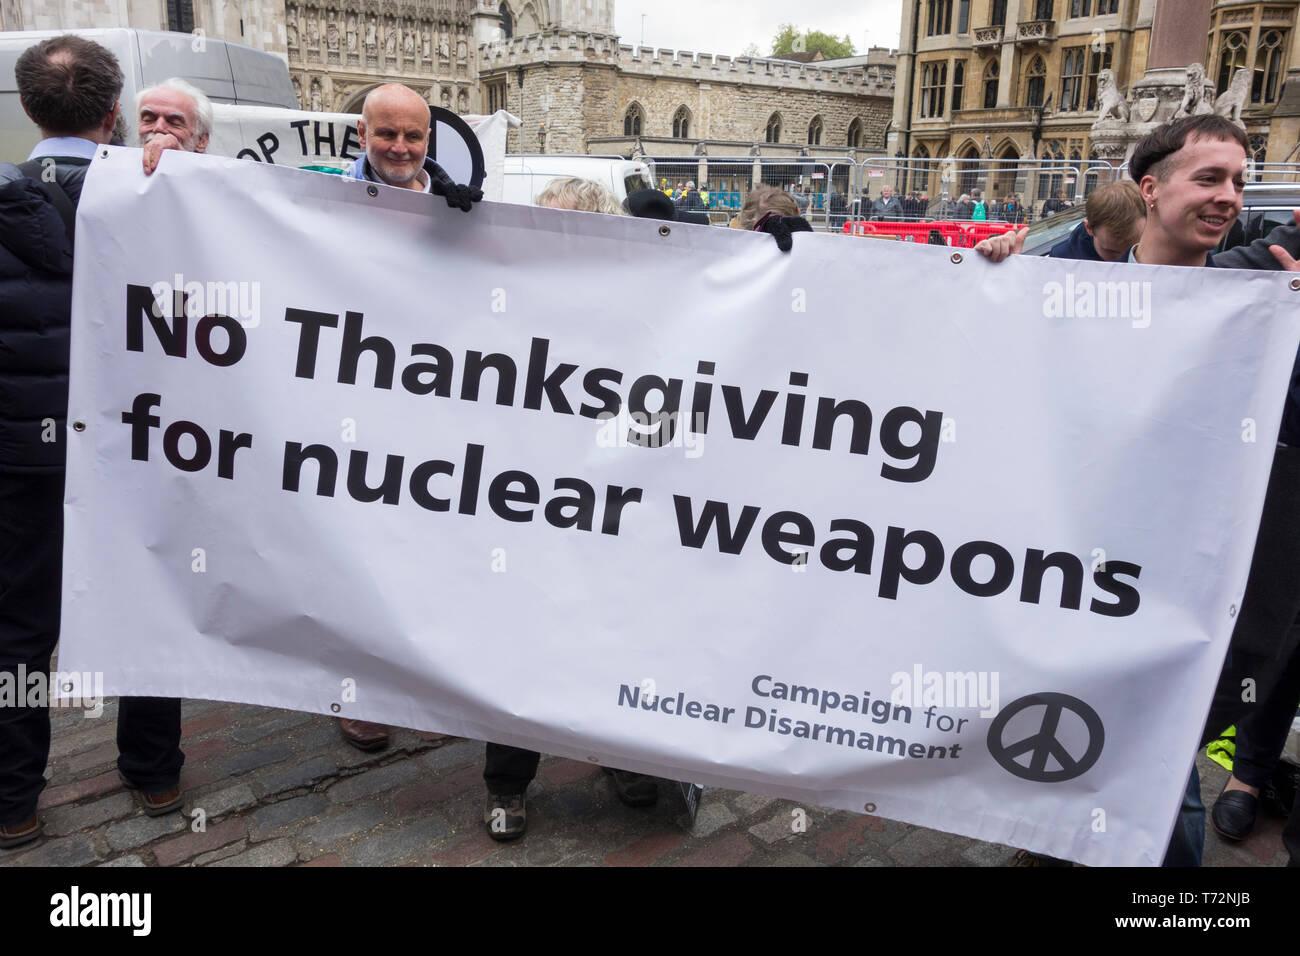 Cde protesta contra la Royal Navy Servicio Nacional de Acción de Gracias para conmemorar sus 50 años de continuo en el mar disuasivo en la Abadía de Westminster. Imagen De Stock